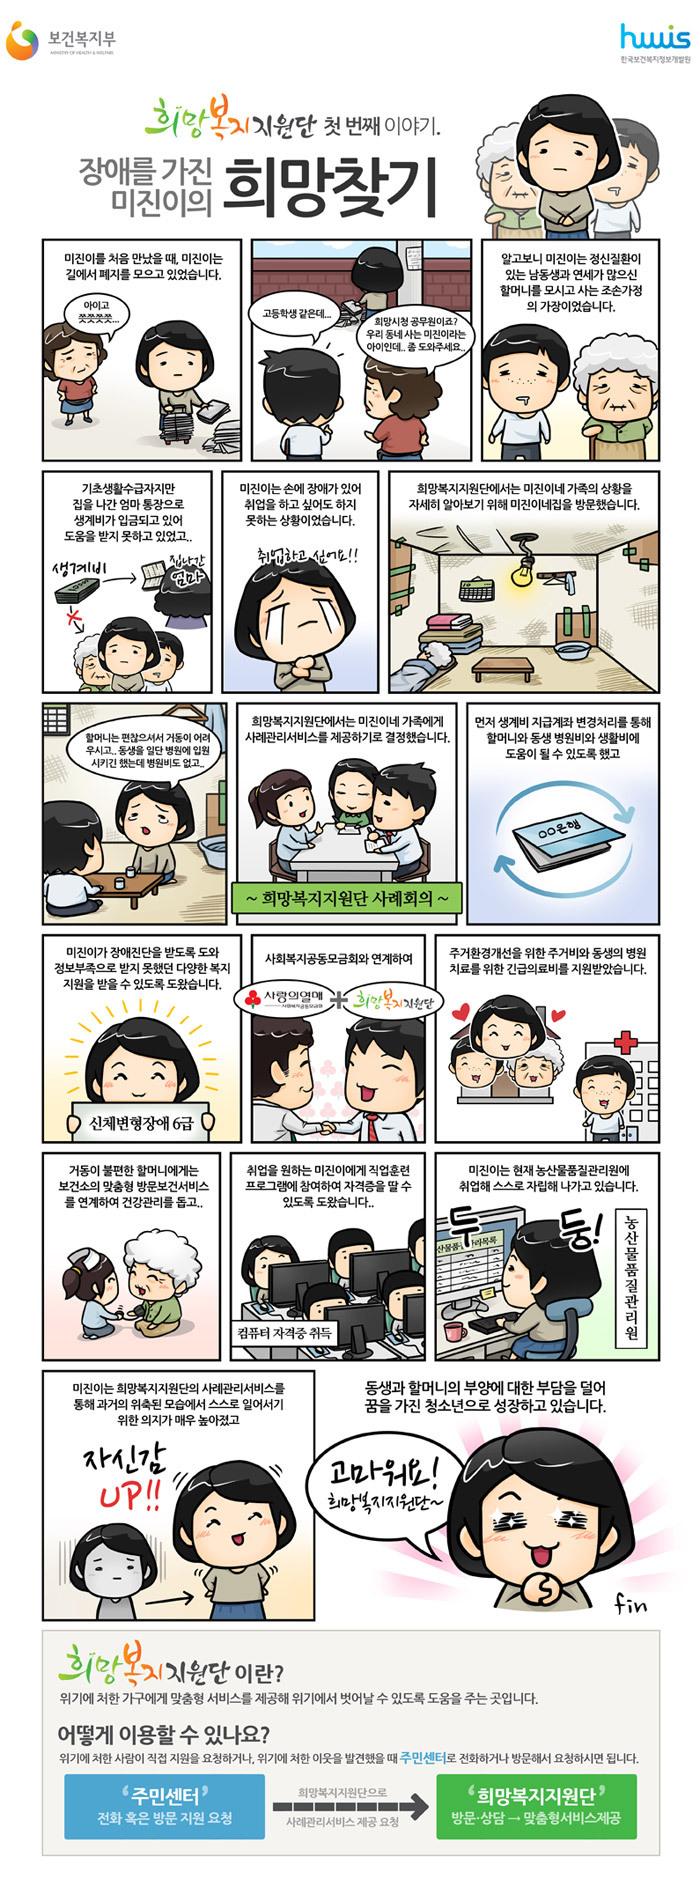 [공감복지만화]희망복지지원